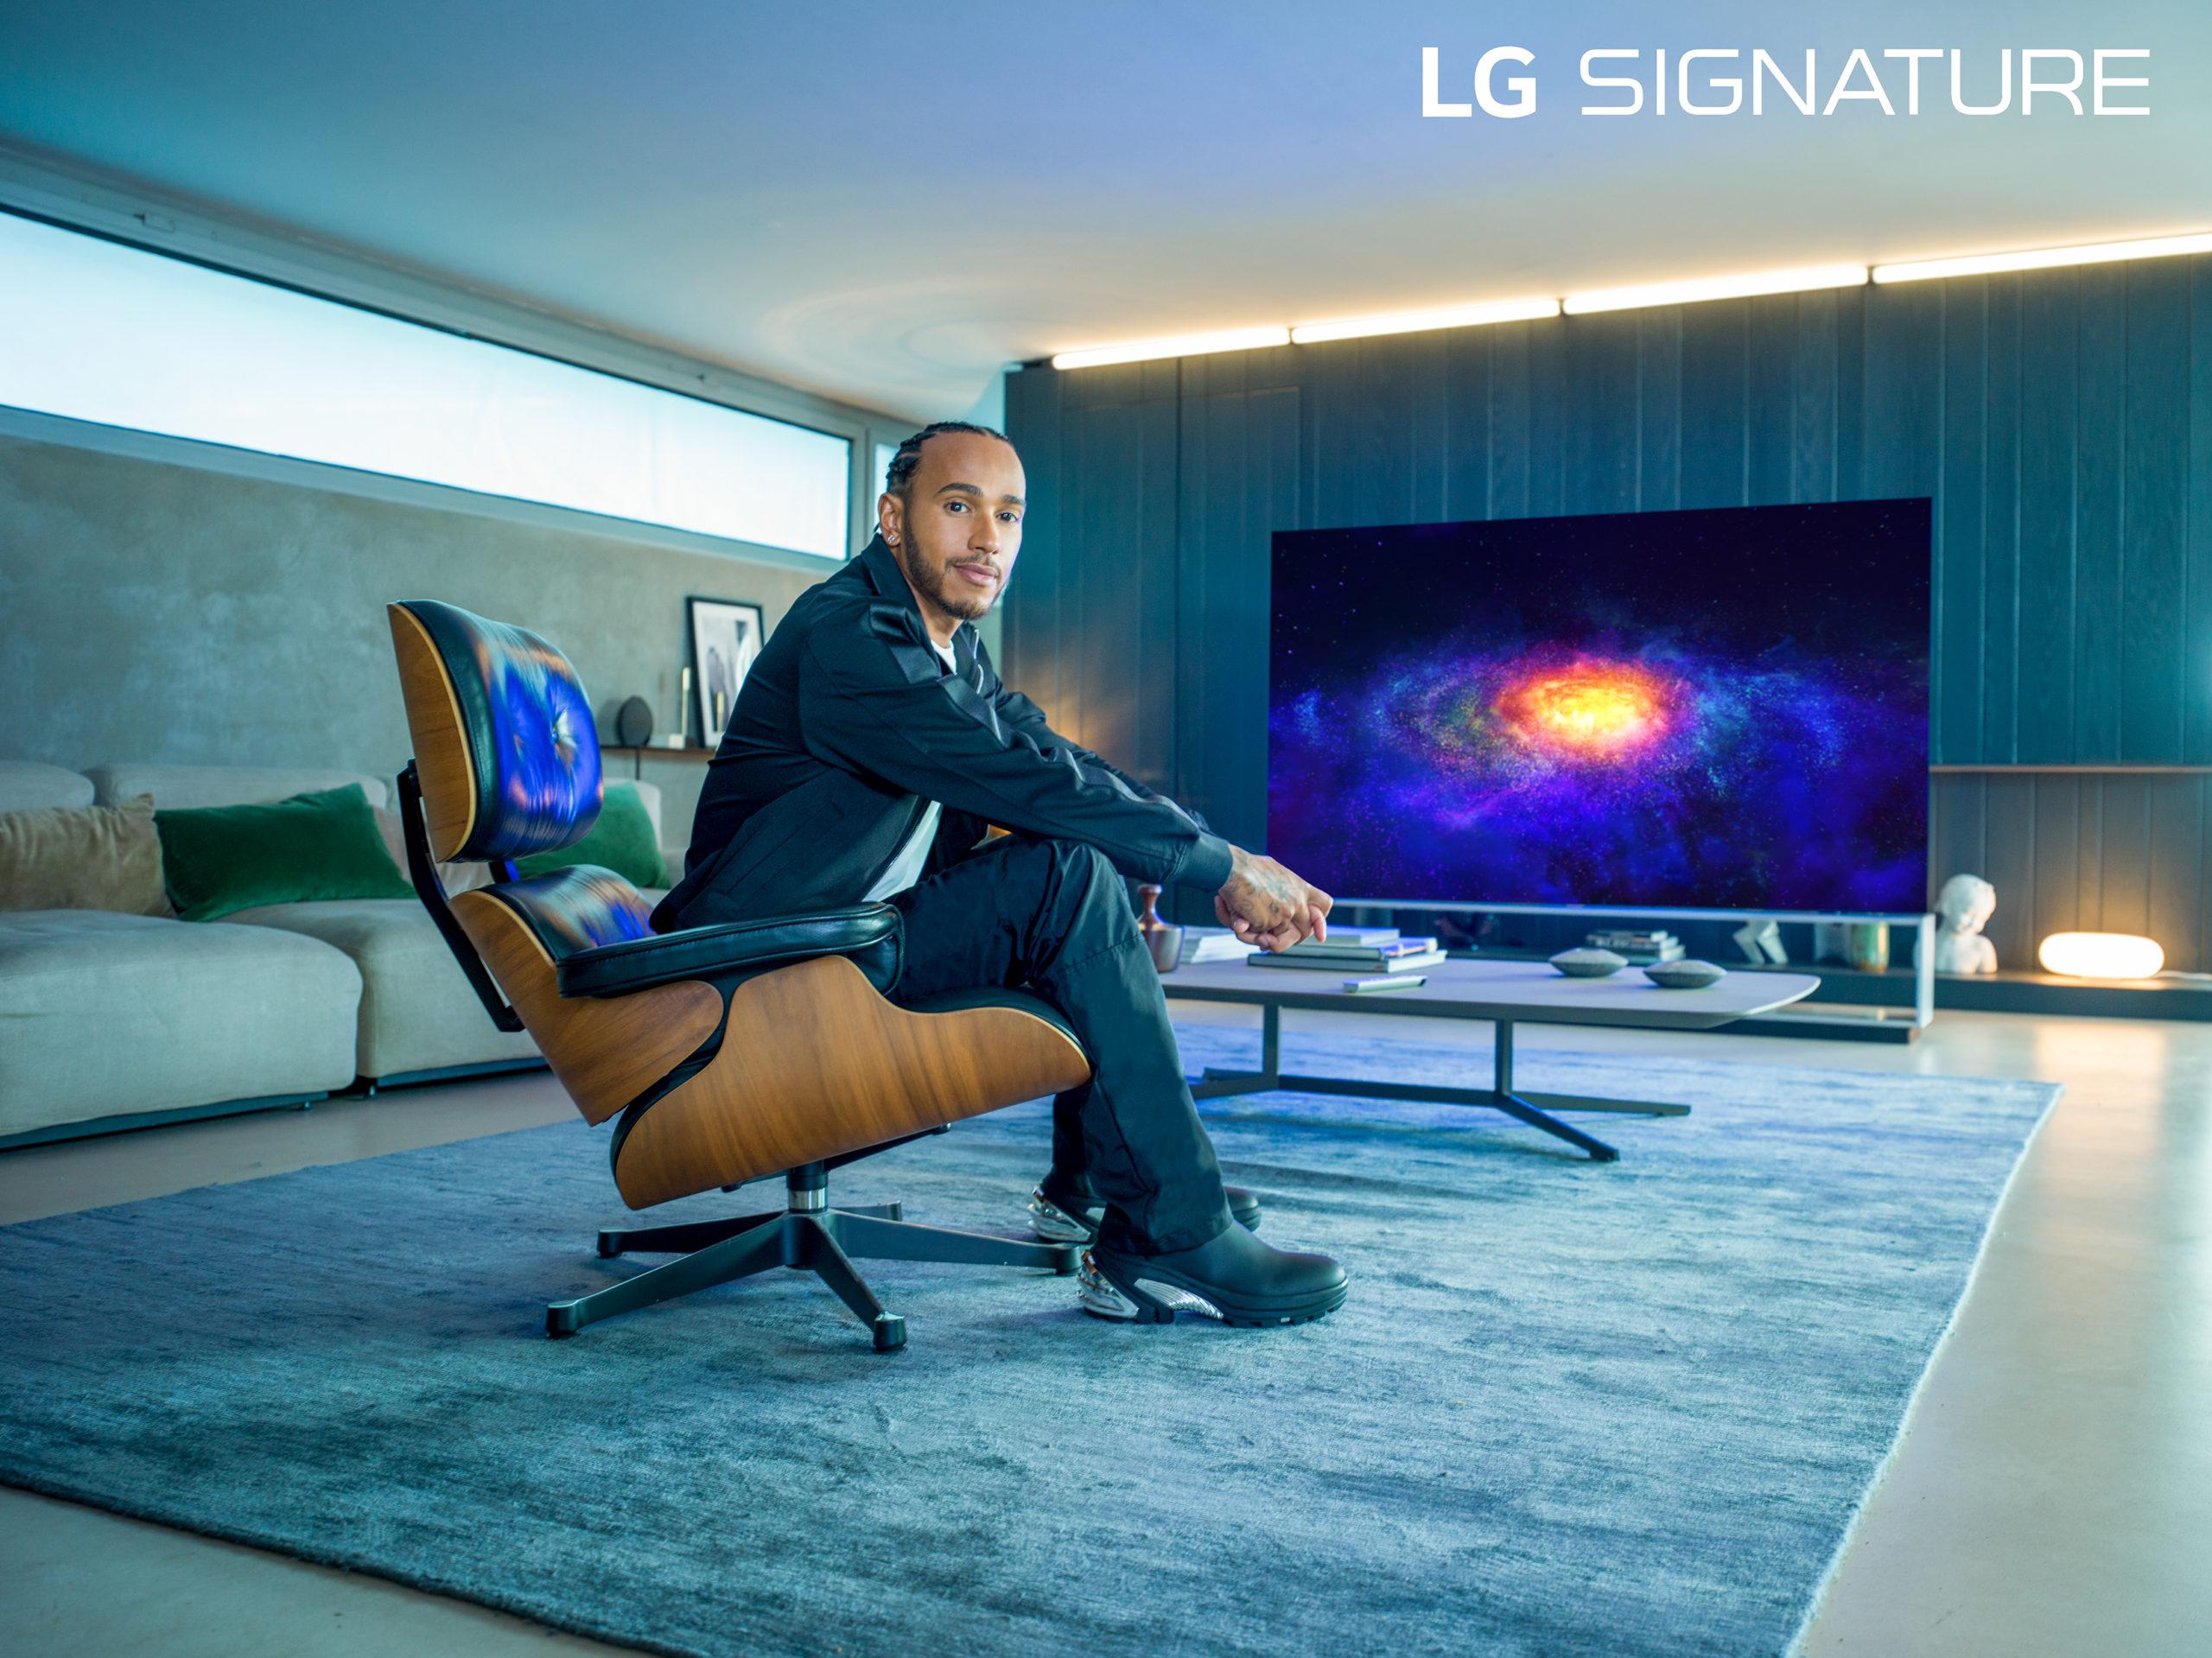 Seis veces Campeón Mundial de Fórmula UNO, Lewis Hamilton, nombrado embajador por LG Signature Brand